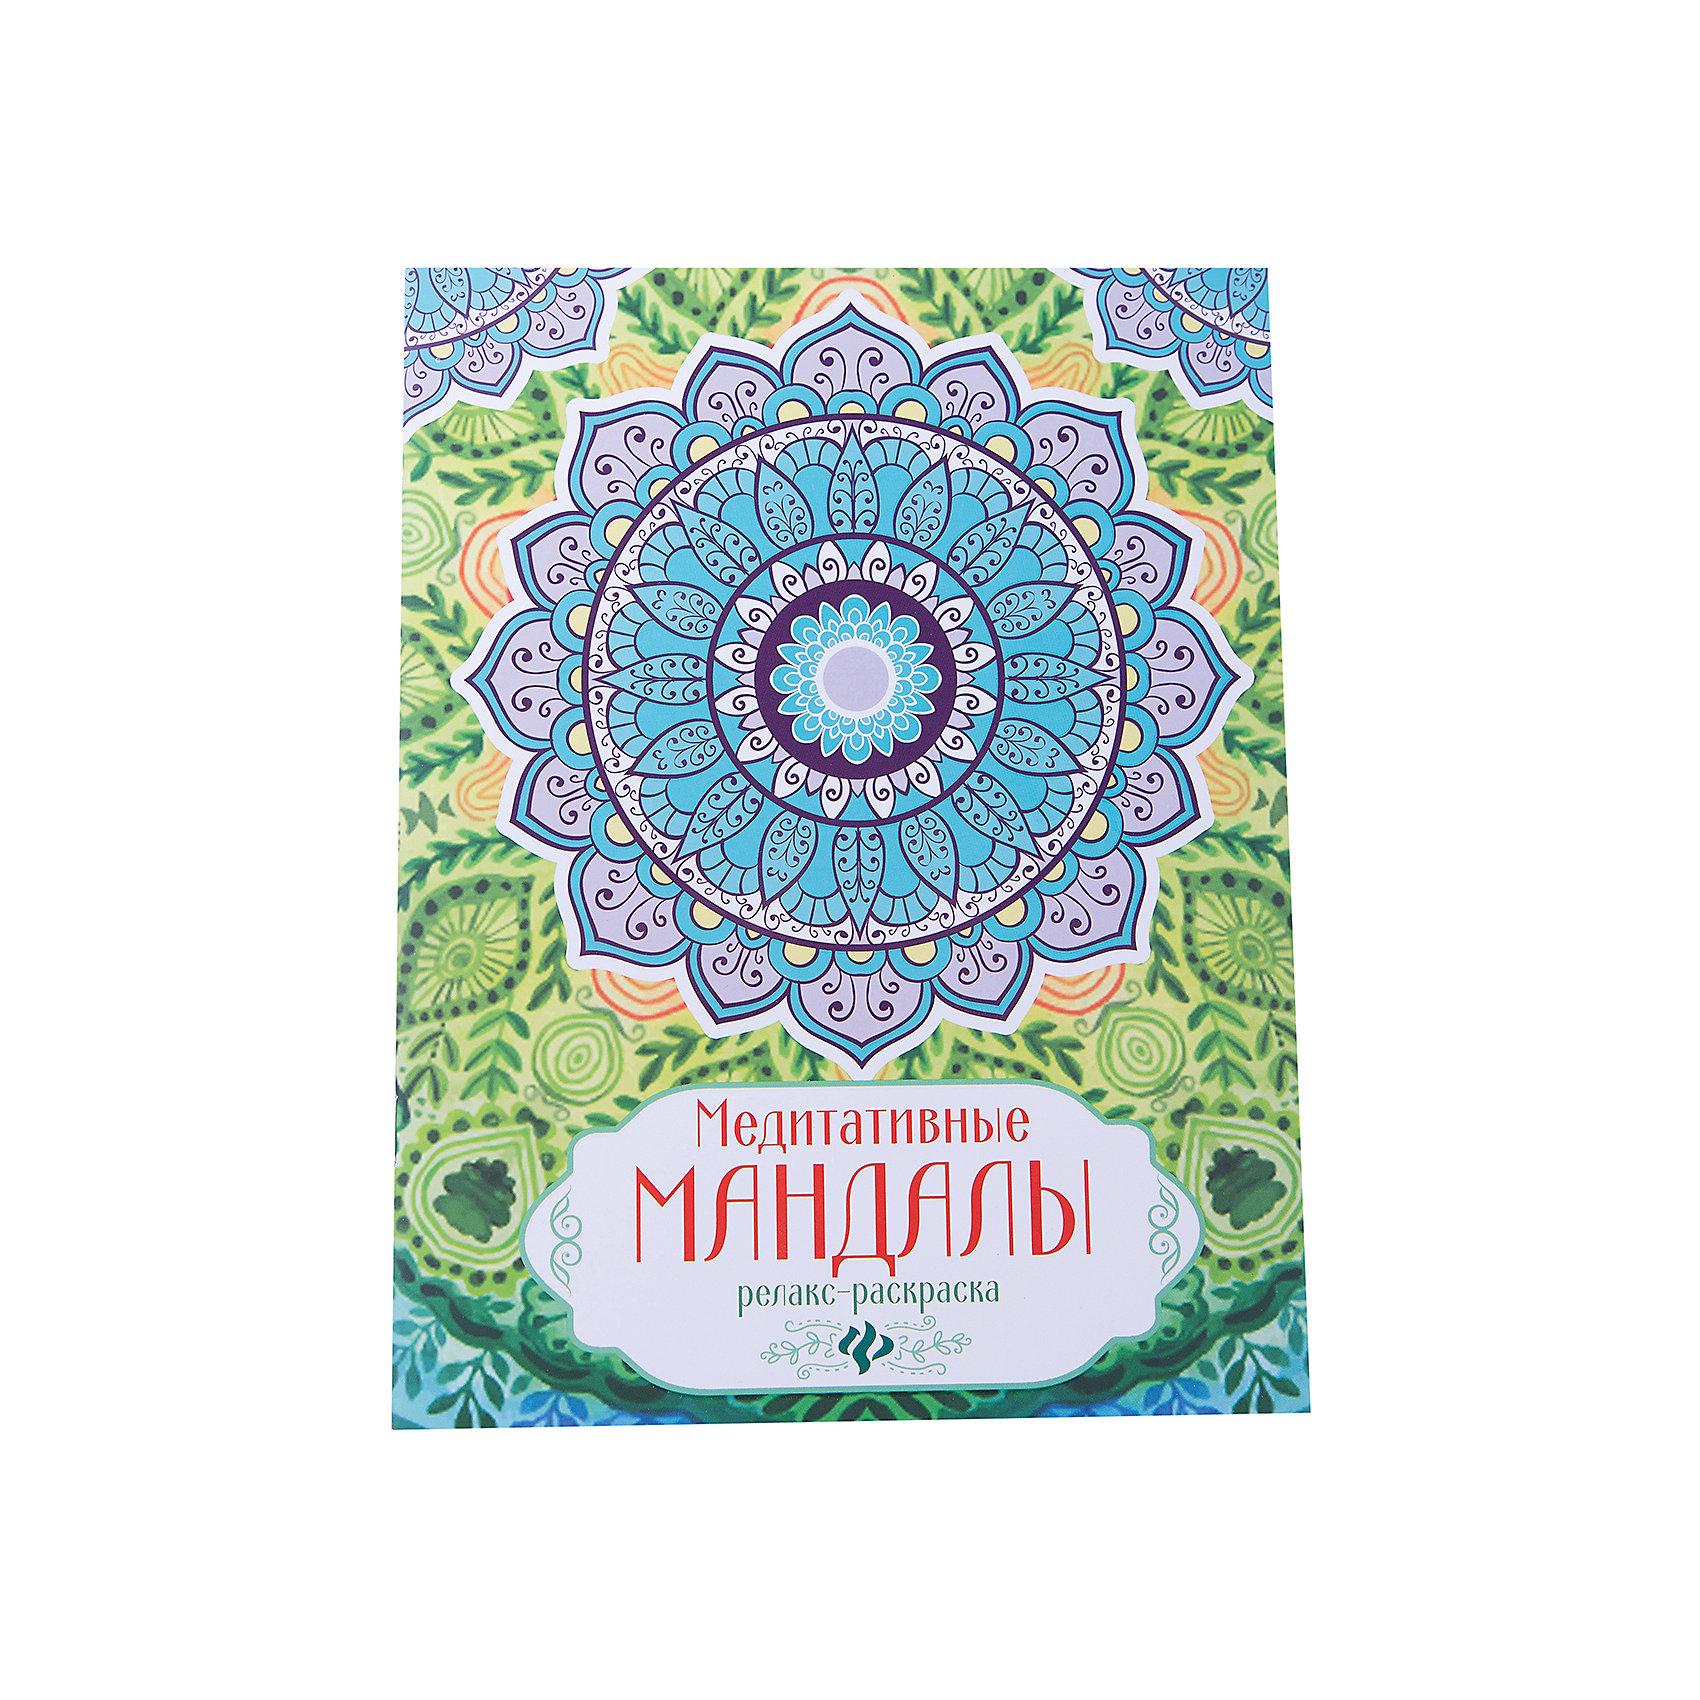 Релакс-раскраска Медитативные мандалыРаскраски по номерам<br>Релакс-раскраска Медитативные мандалы - это хорошее настроение, чувство гармонии, вдохновение.<br>Возьмите раскраску, карандаши, фломастеры, краски или ручки. Отложите все насущные дела и тревоги. Позвольте себе насладиться временем, проведенным наедине с собой, своими мыслями и желаниями. Сосредоточенная работа с сакральными мандалами поможет обрести гармонию и найти баланс. Доверьтесь своему воображению: выберите изображение и начните медитативное путешествие.<br><br>Дополнительная информация:<br><br>- Редактор: Силенко Елизавета<br>- Издательство: Феникс-Премьер<br>- Серия: Релакс-раскраска<br>- Жанр: Эзотерические знания<br>- Тип обложки: мягкий переплет (крепление скрепкой или клеем)<br>- Оформление: частичная лакировка<br>- Иллюстрации: черно-белые<br>- Количество страниц: 32 (офсет)<br>- Размер: 260x200x2 мм.<br>- Вес: 110 гр.<br><br>Релакс-раскраску Медитативные мандалы можно купить в нашем интернет-магазине.<br><br>Ширина мм: 199<br>Глубина мм: 3<br>Высота мм: 260<br>Вес г: 110<br>Возраст от месяцев: 36<br>Возраст до месяцев: 192<br>Пол: Унисекс<br>Возраст: Детский<br>SKU: 4994832